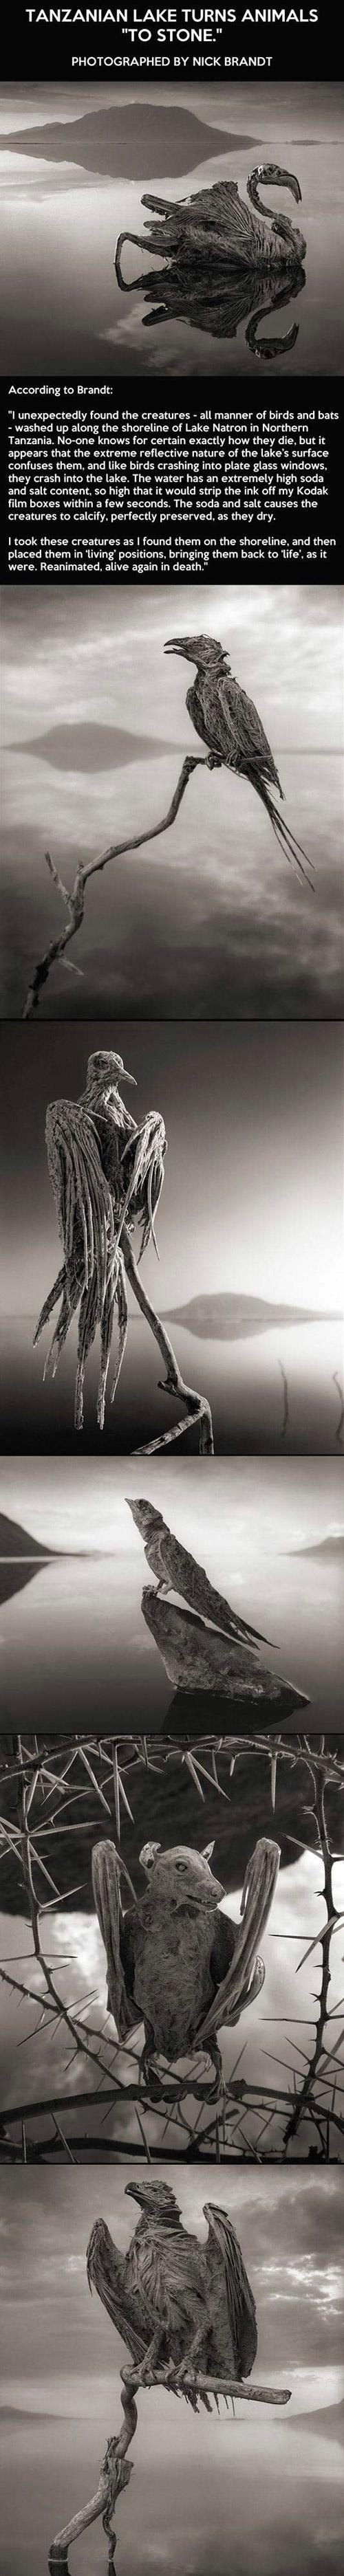 Mummified Lake